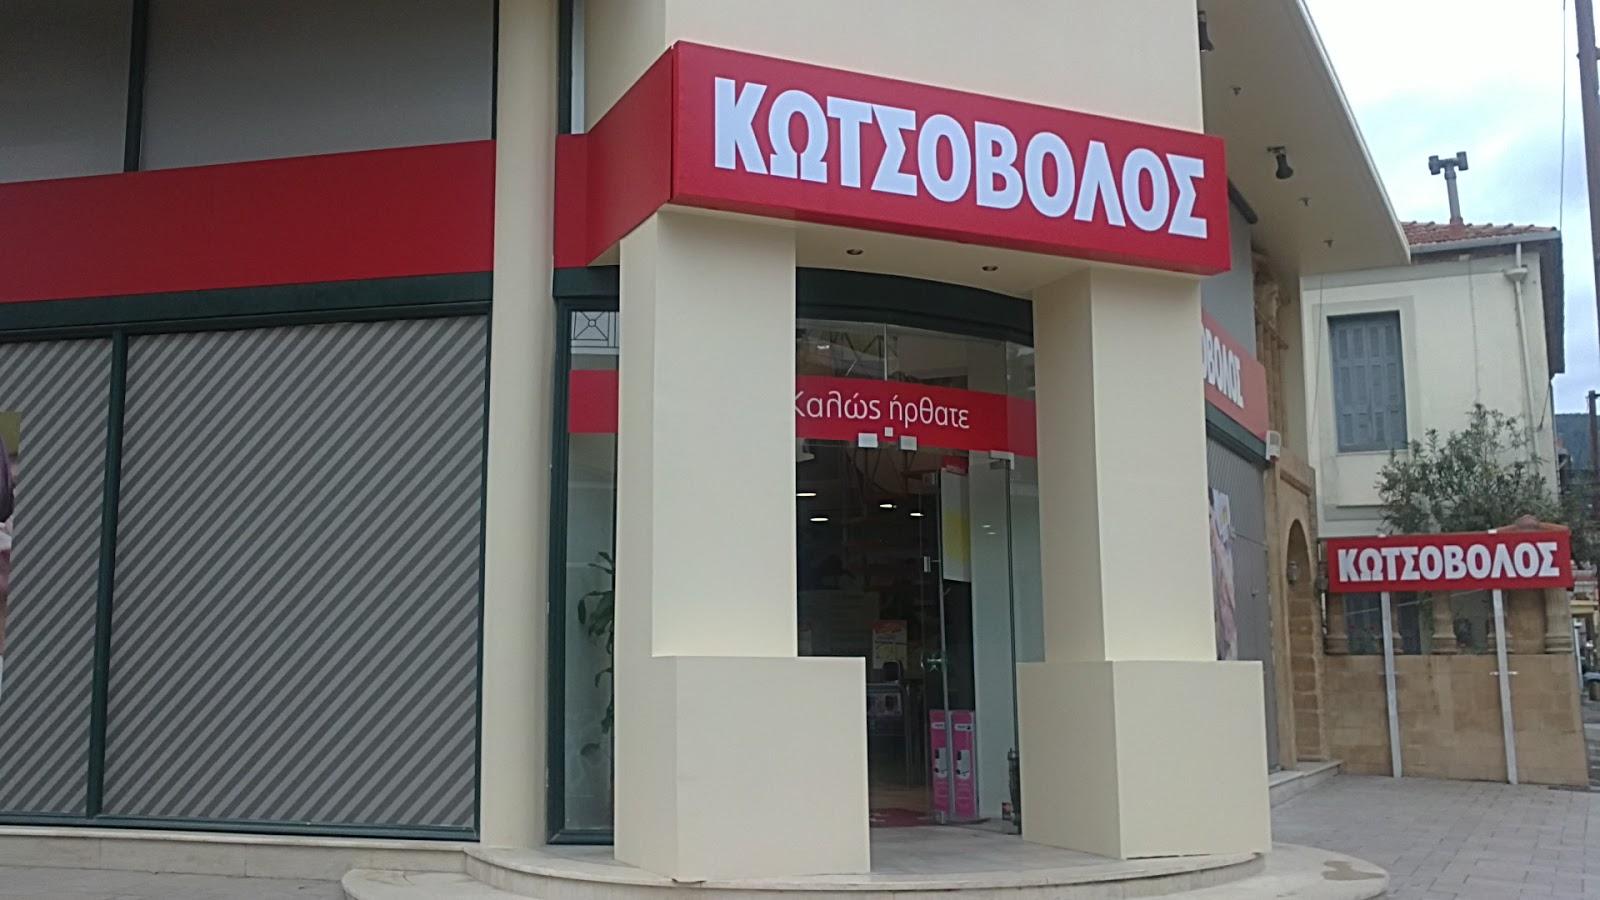 Ποιες θέσεις εργασίας προσφέρει ο Κωτσόβολος